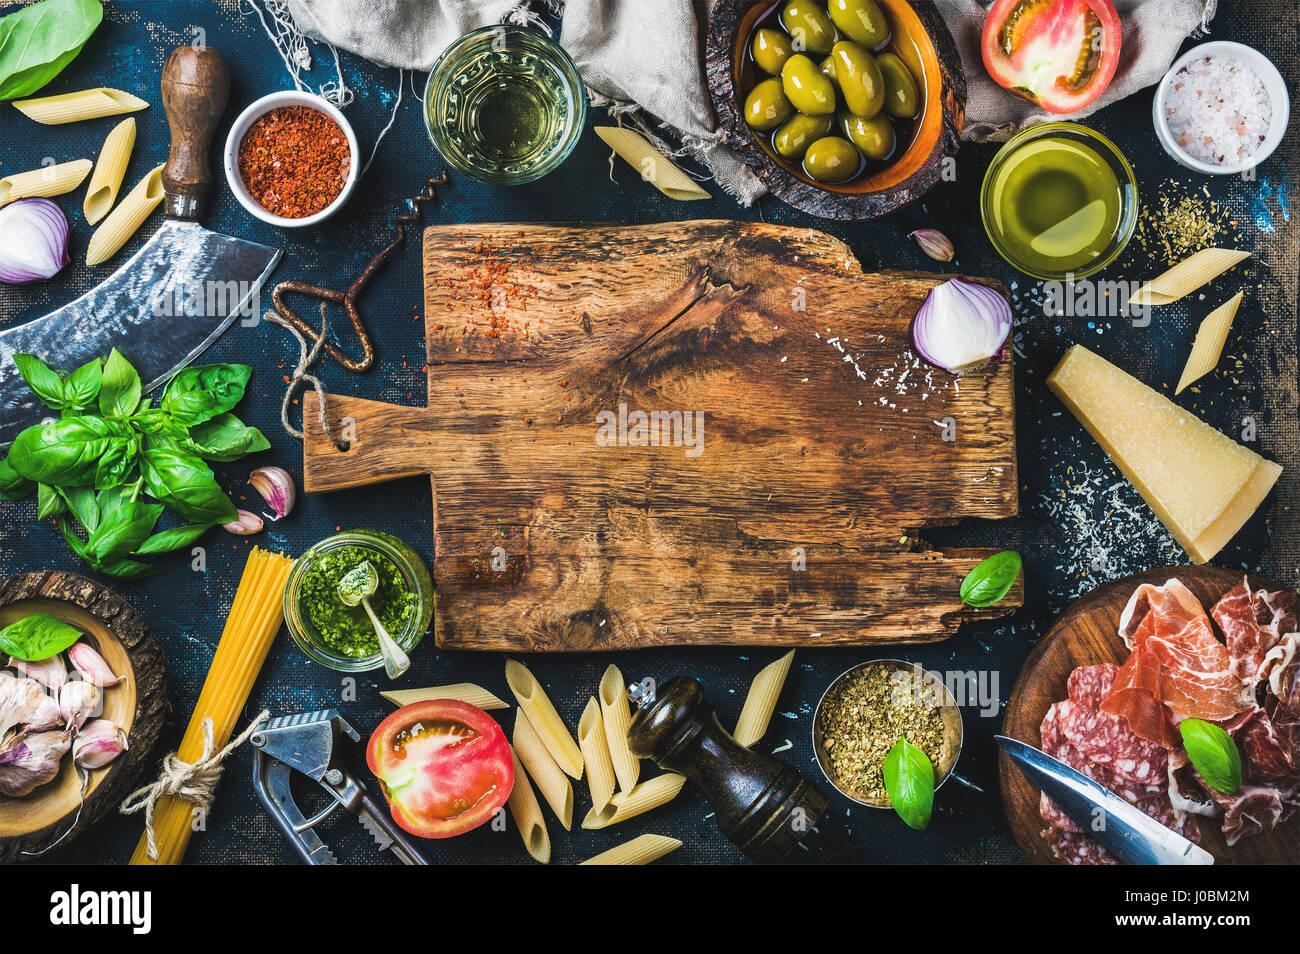 Il cibo italiano di cottura Ingredienti su sfondo scuro Immagini Stock